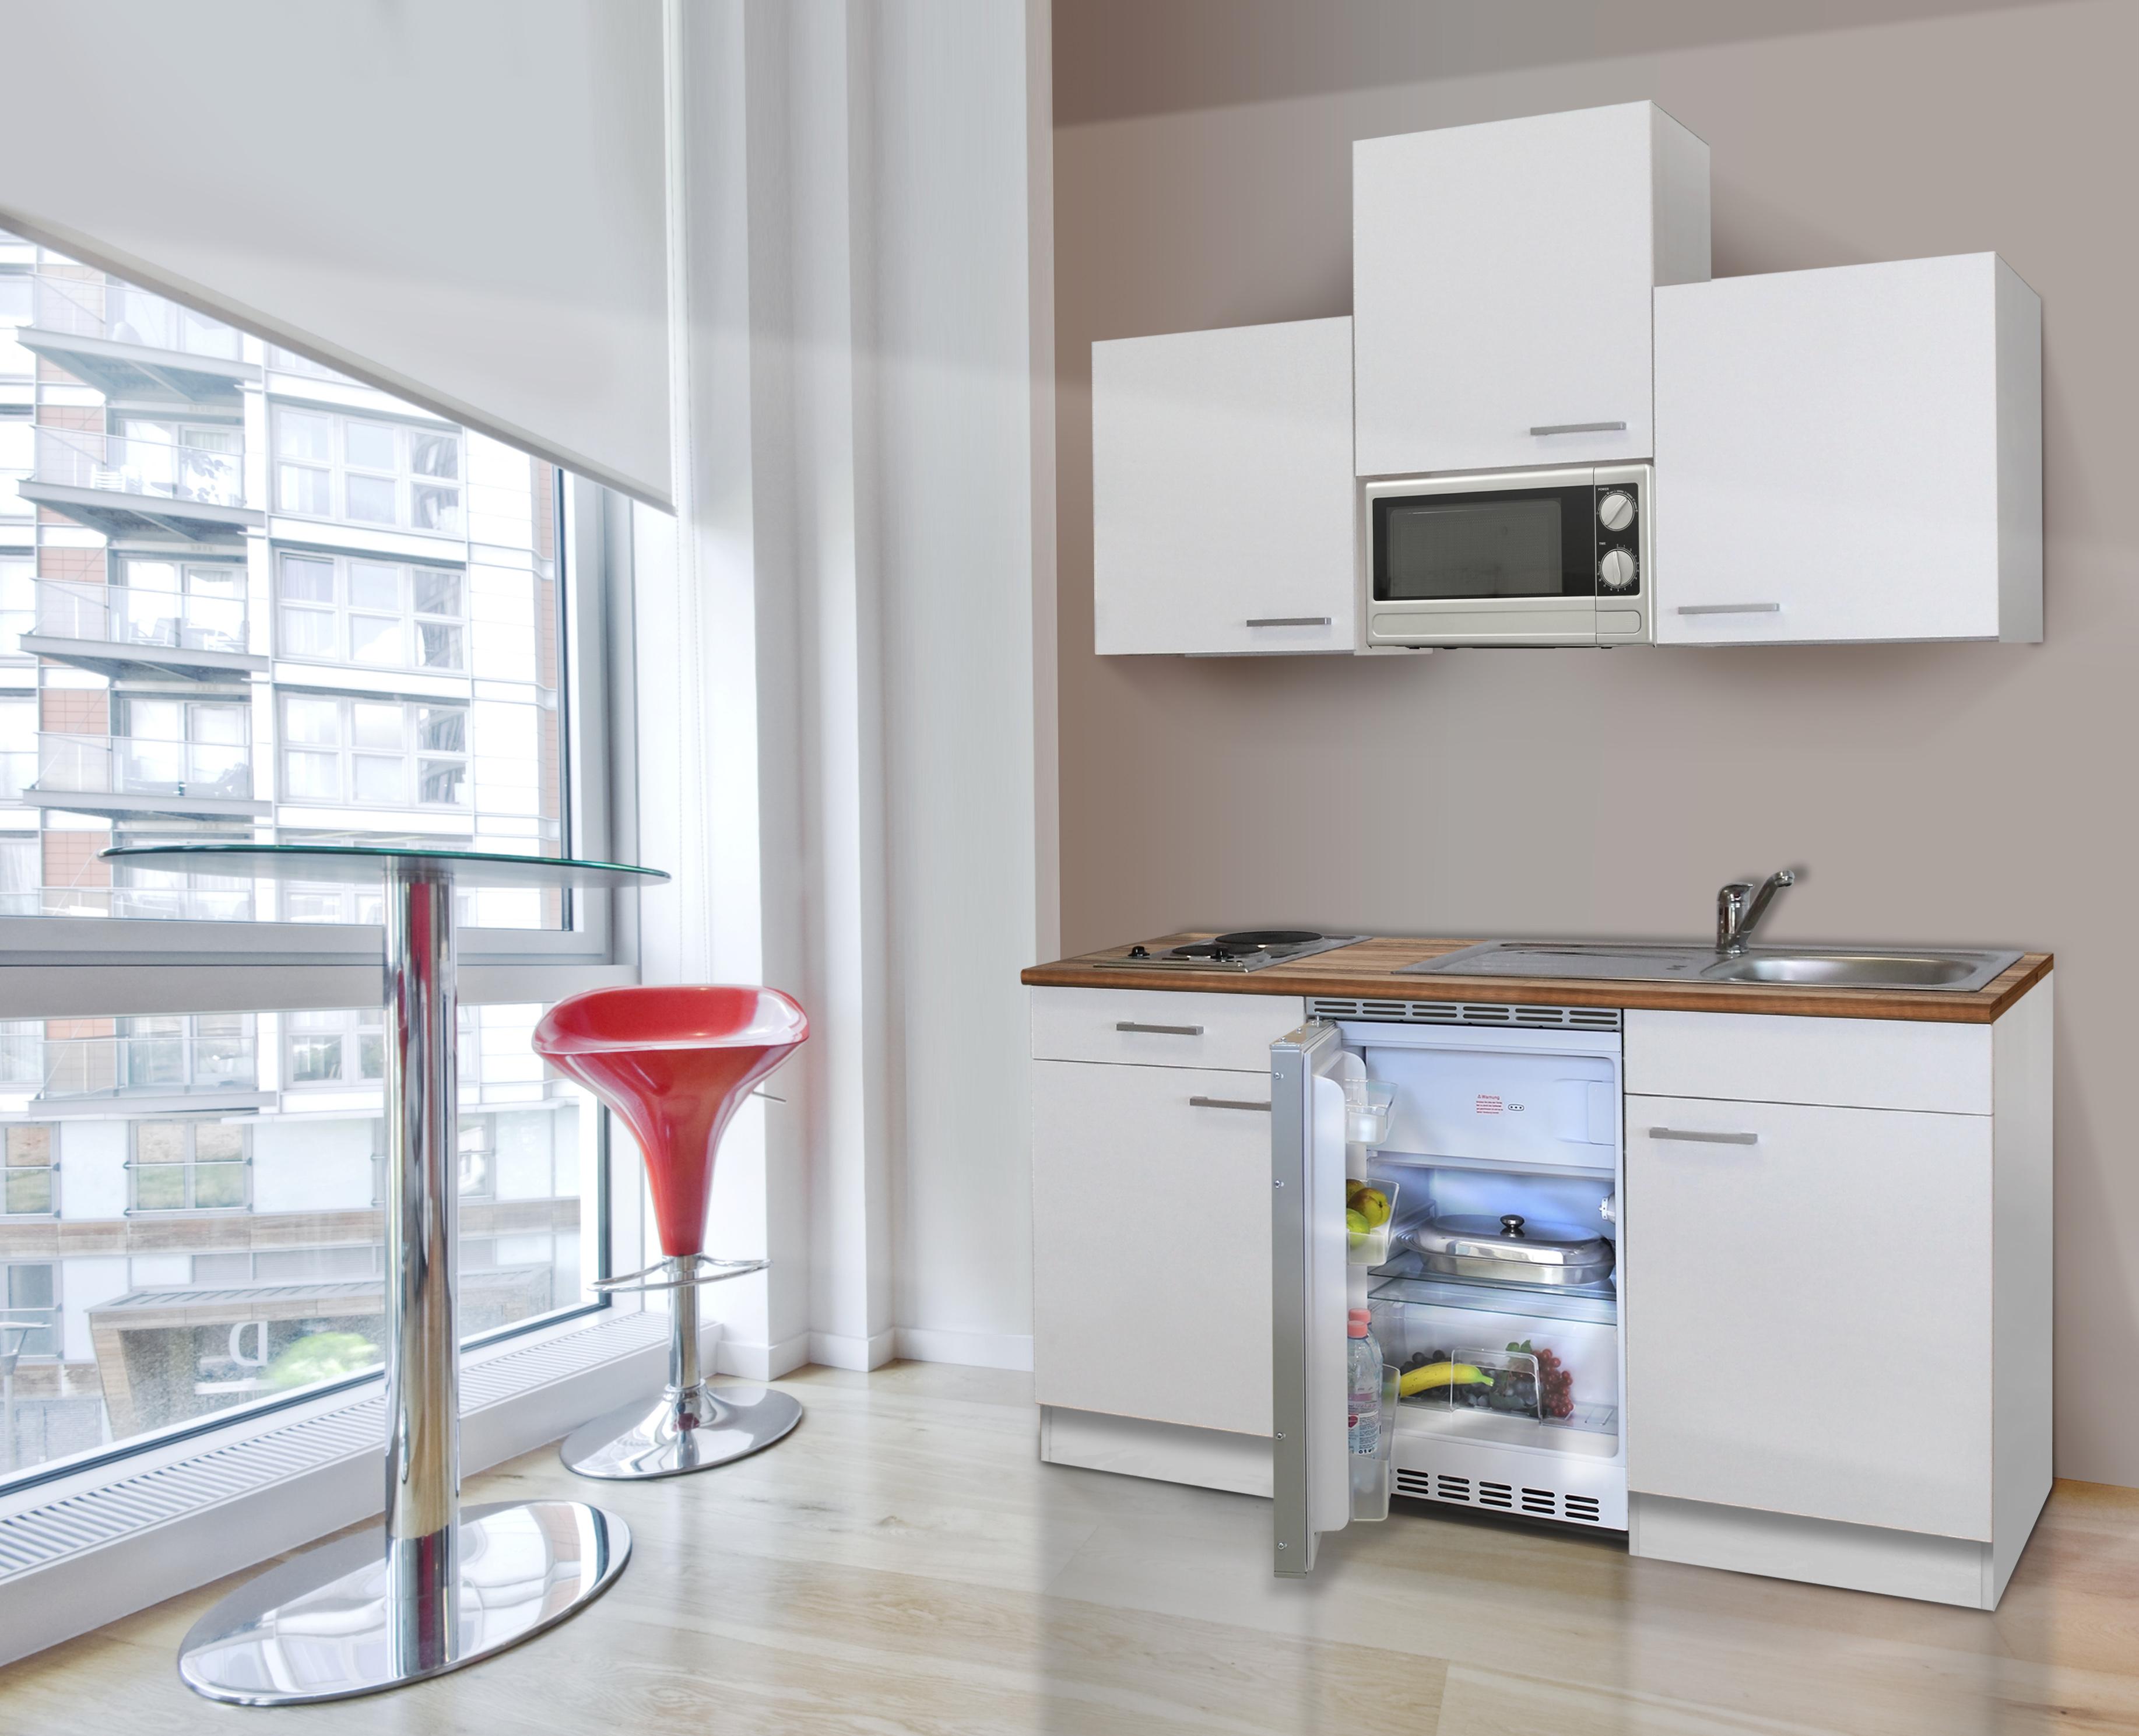 respekta Miniküche Küche Singleküche Küchenzeile Einbau Küchenblock 150 cm weiß